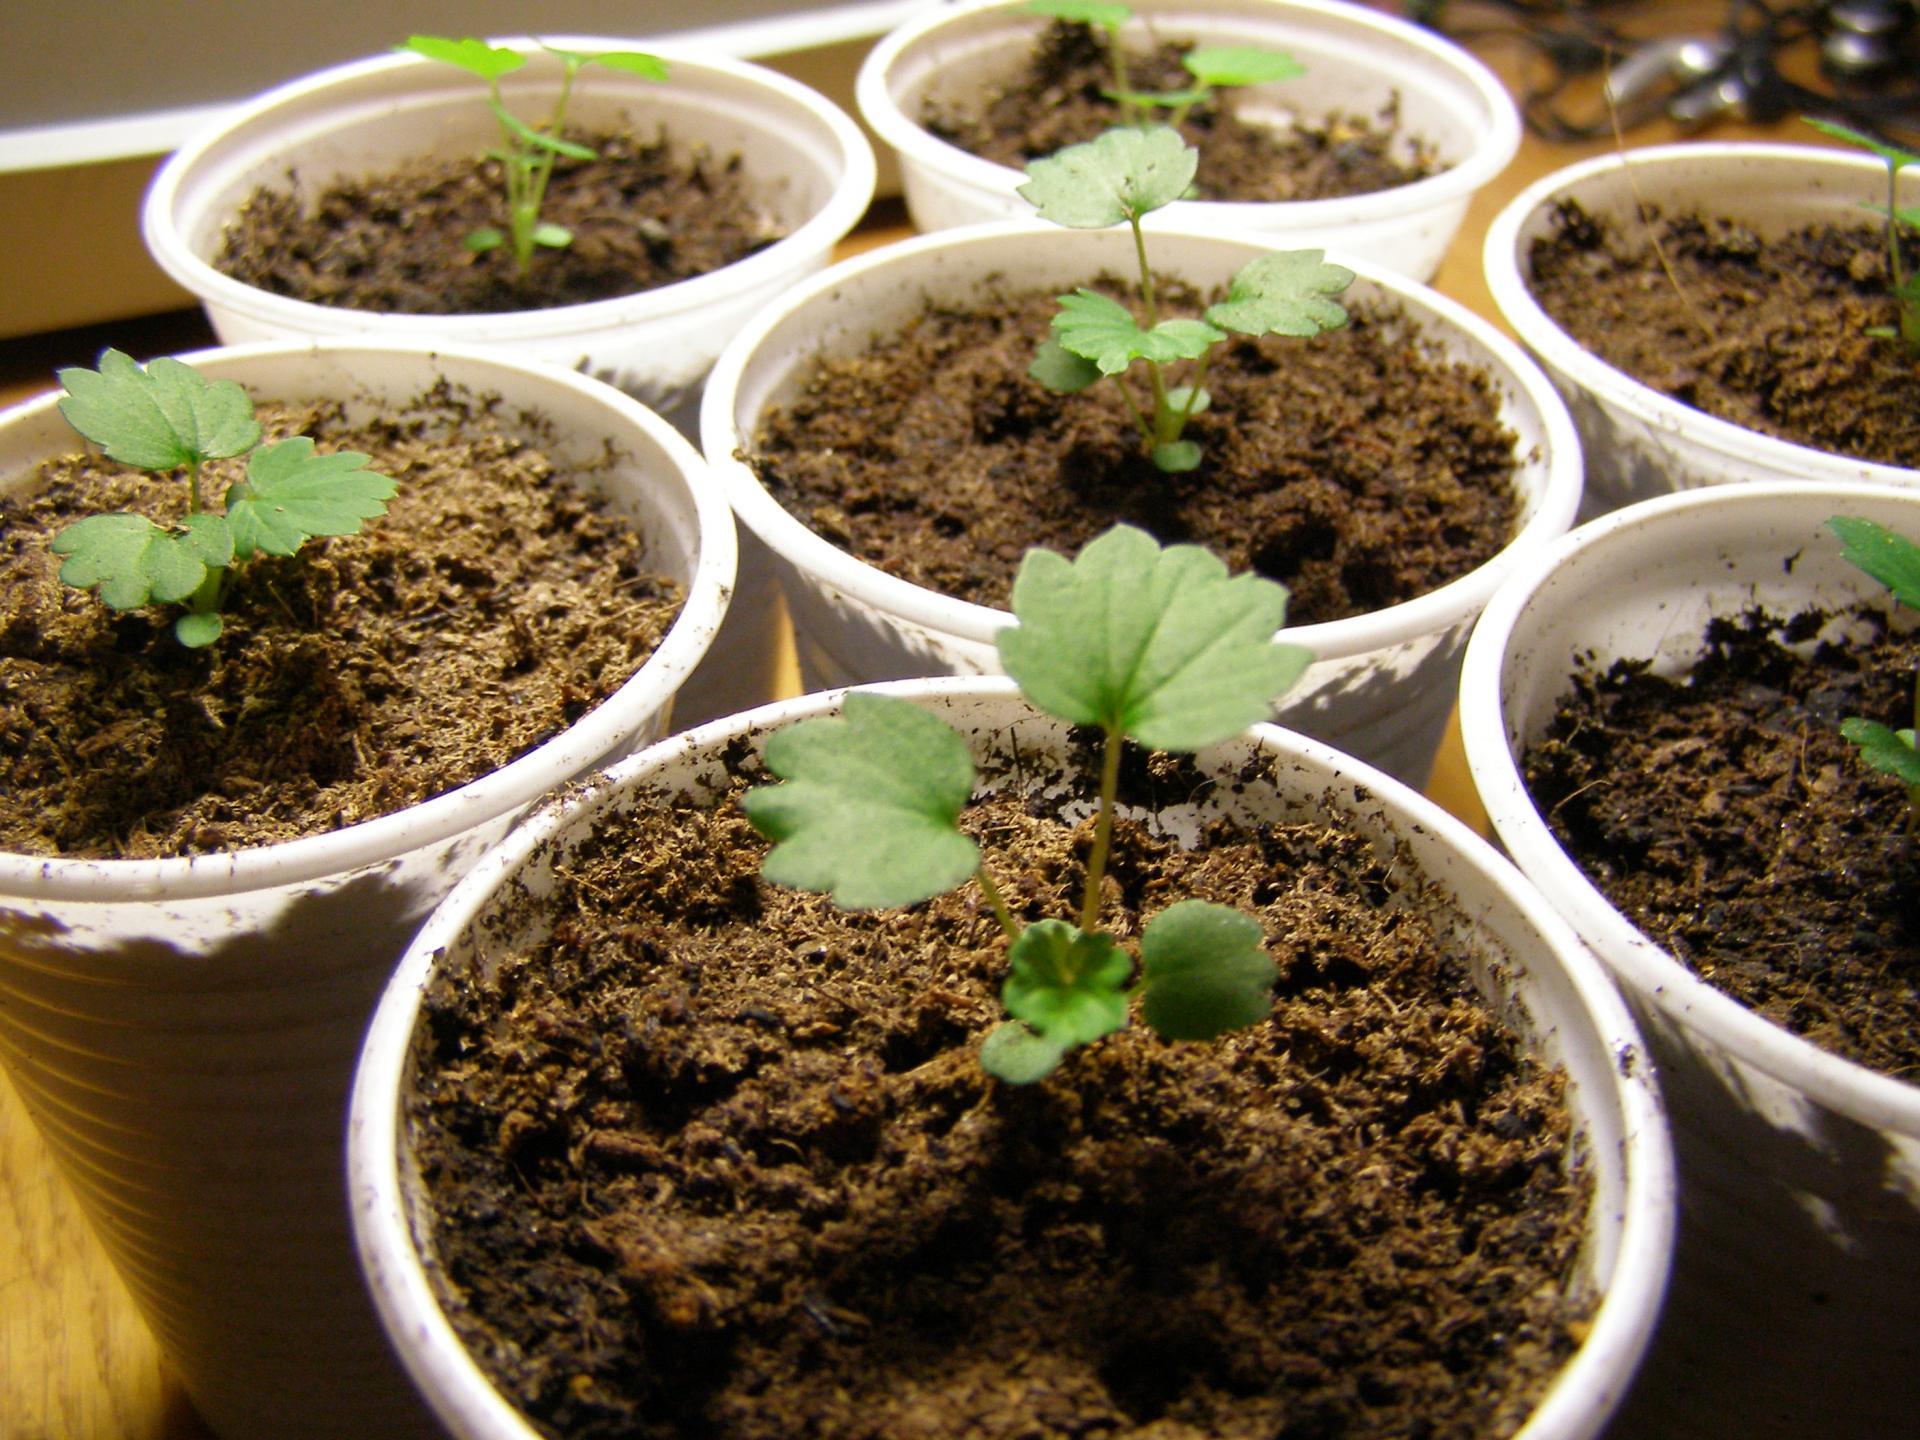 Как правильно посадить землянику на рассаду из семян 74